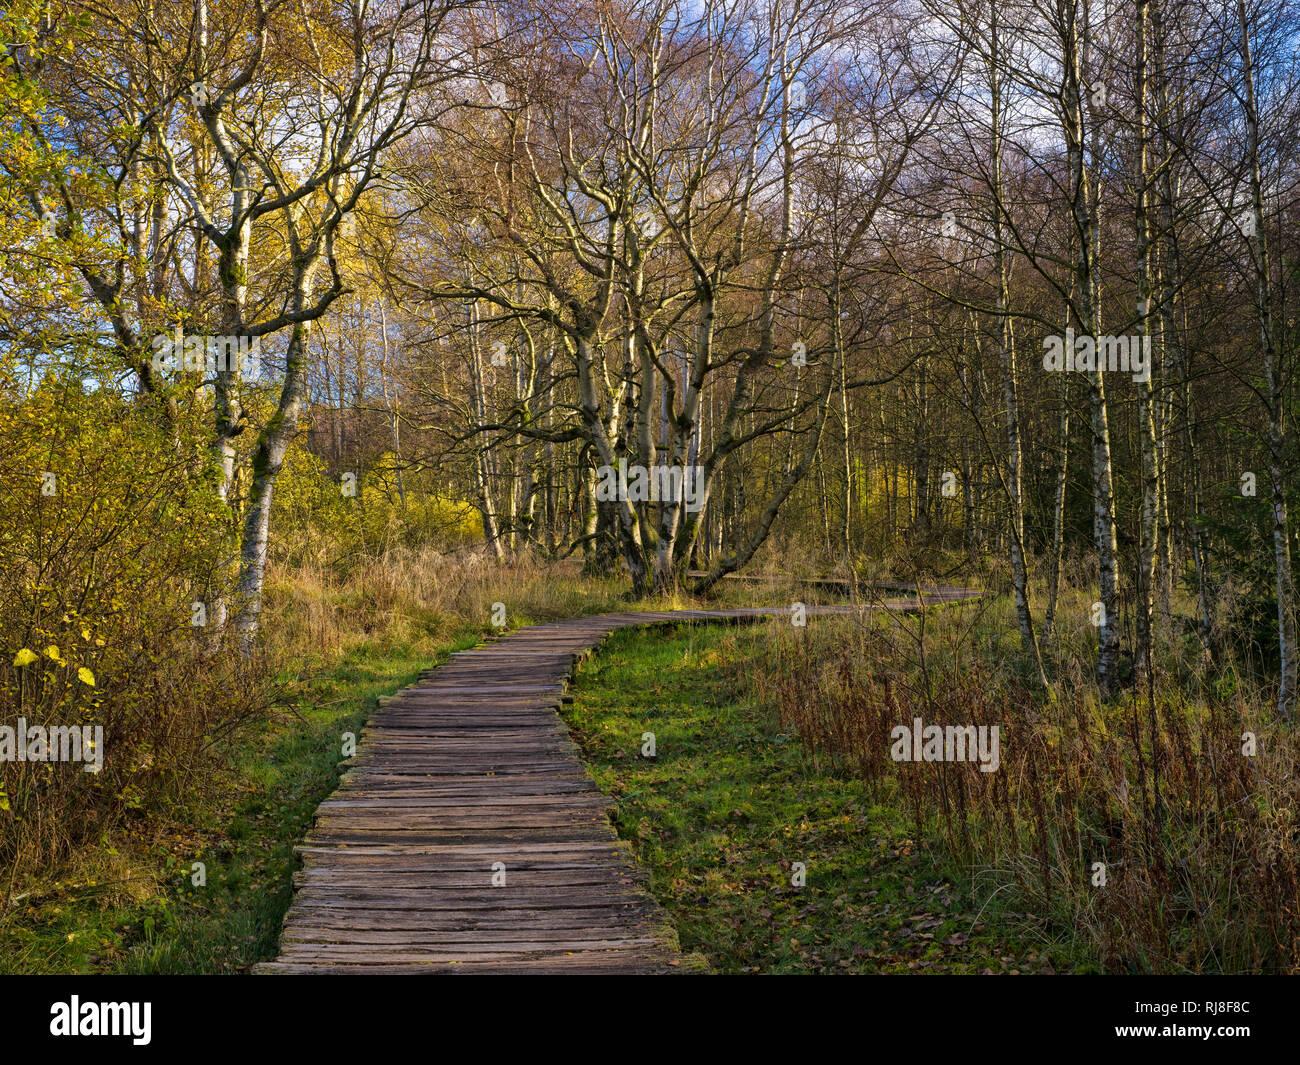 Deutschland, Bayern, Naturpark Bayrische Rhön, UNESCO-Biosphärenreservat, Naturschutzgebiet Schwarzes Moor, herbstbunte Birken und Holzbohlensteg Stock Photo